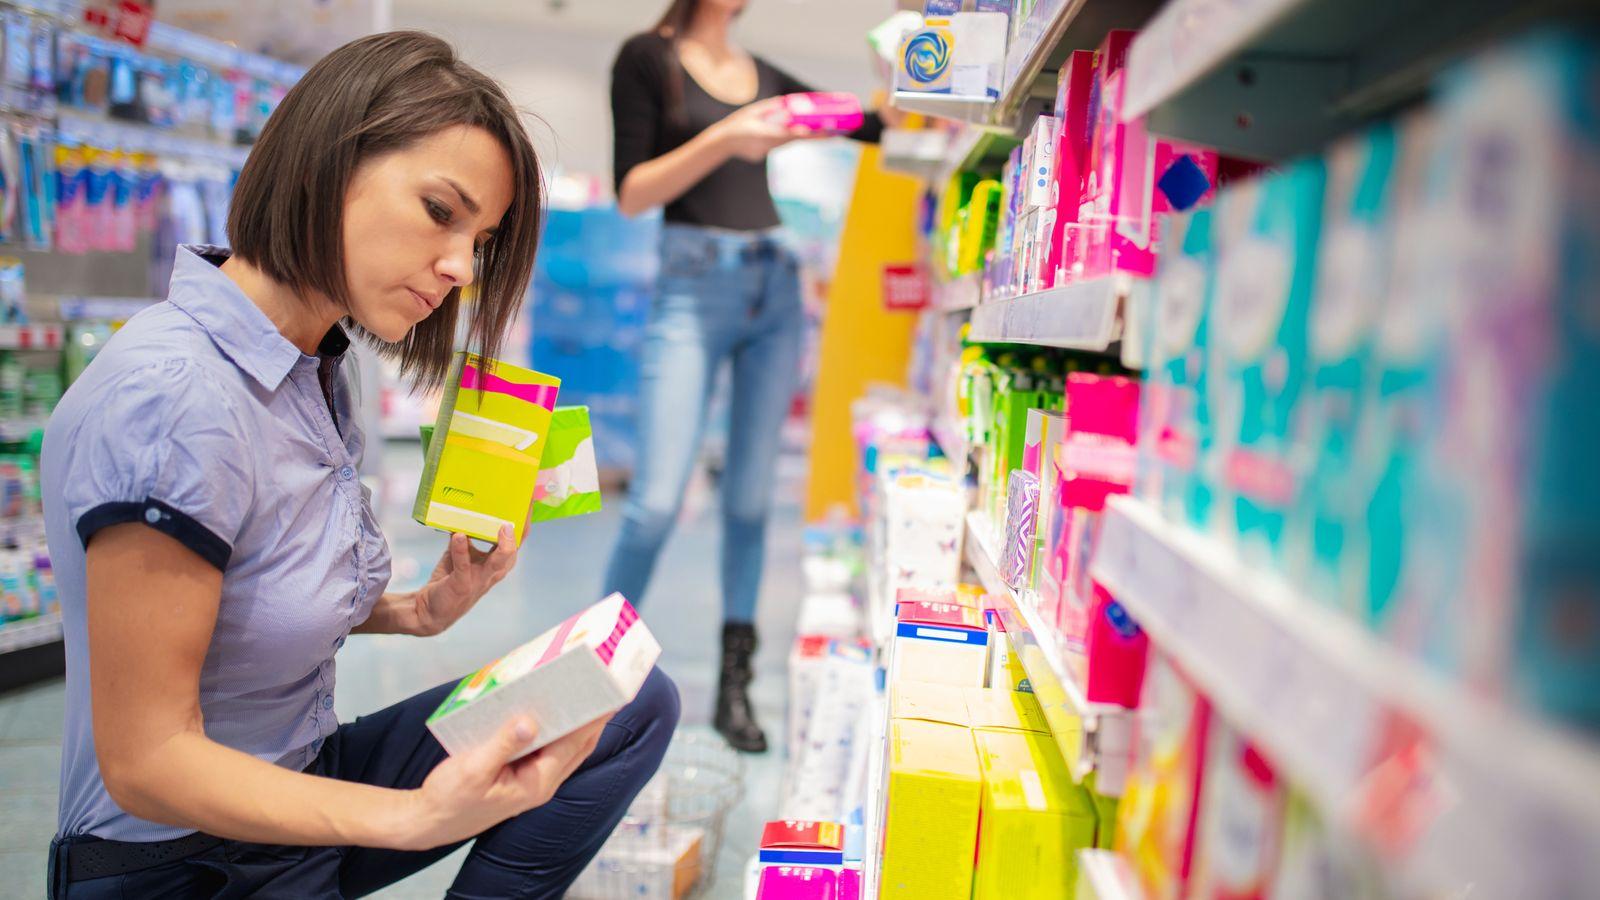 https: img.okezone.com content 2020 11 25 18 2315702 skotlandia-jadi-negara-pertama-gratiskan-produk-menstruasi-0GJiW17dwJ.jpg